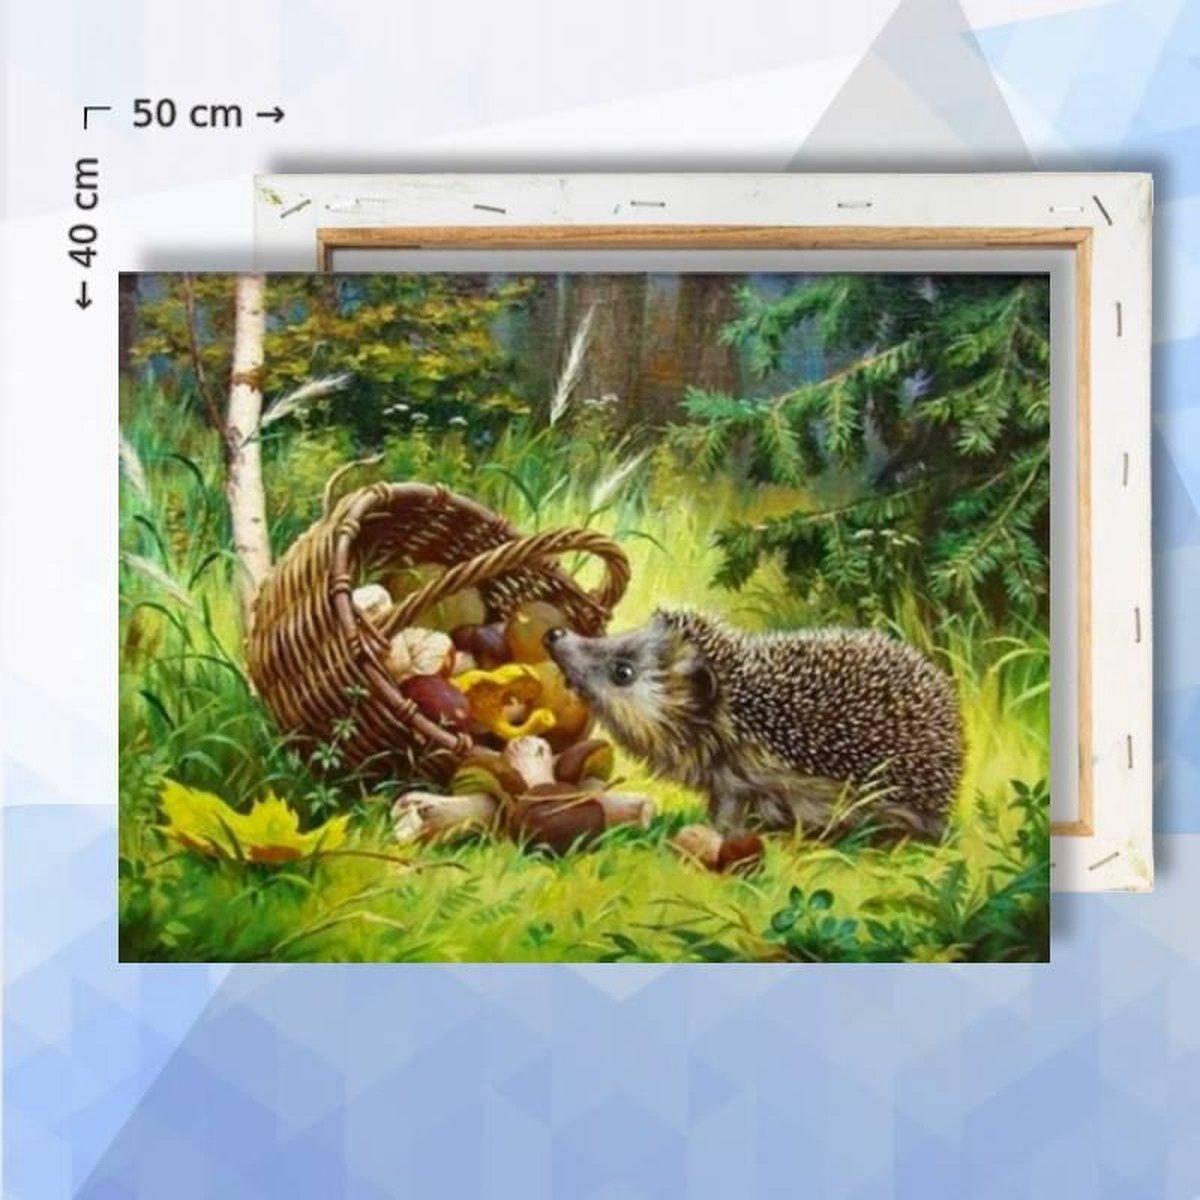 Schilderen op nummer pakket Egel in het bos - 50 x 40 cm - met frame